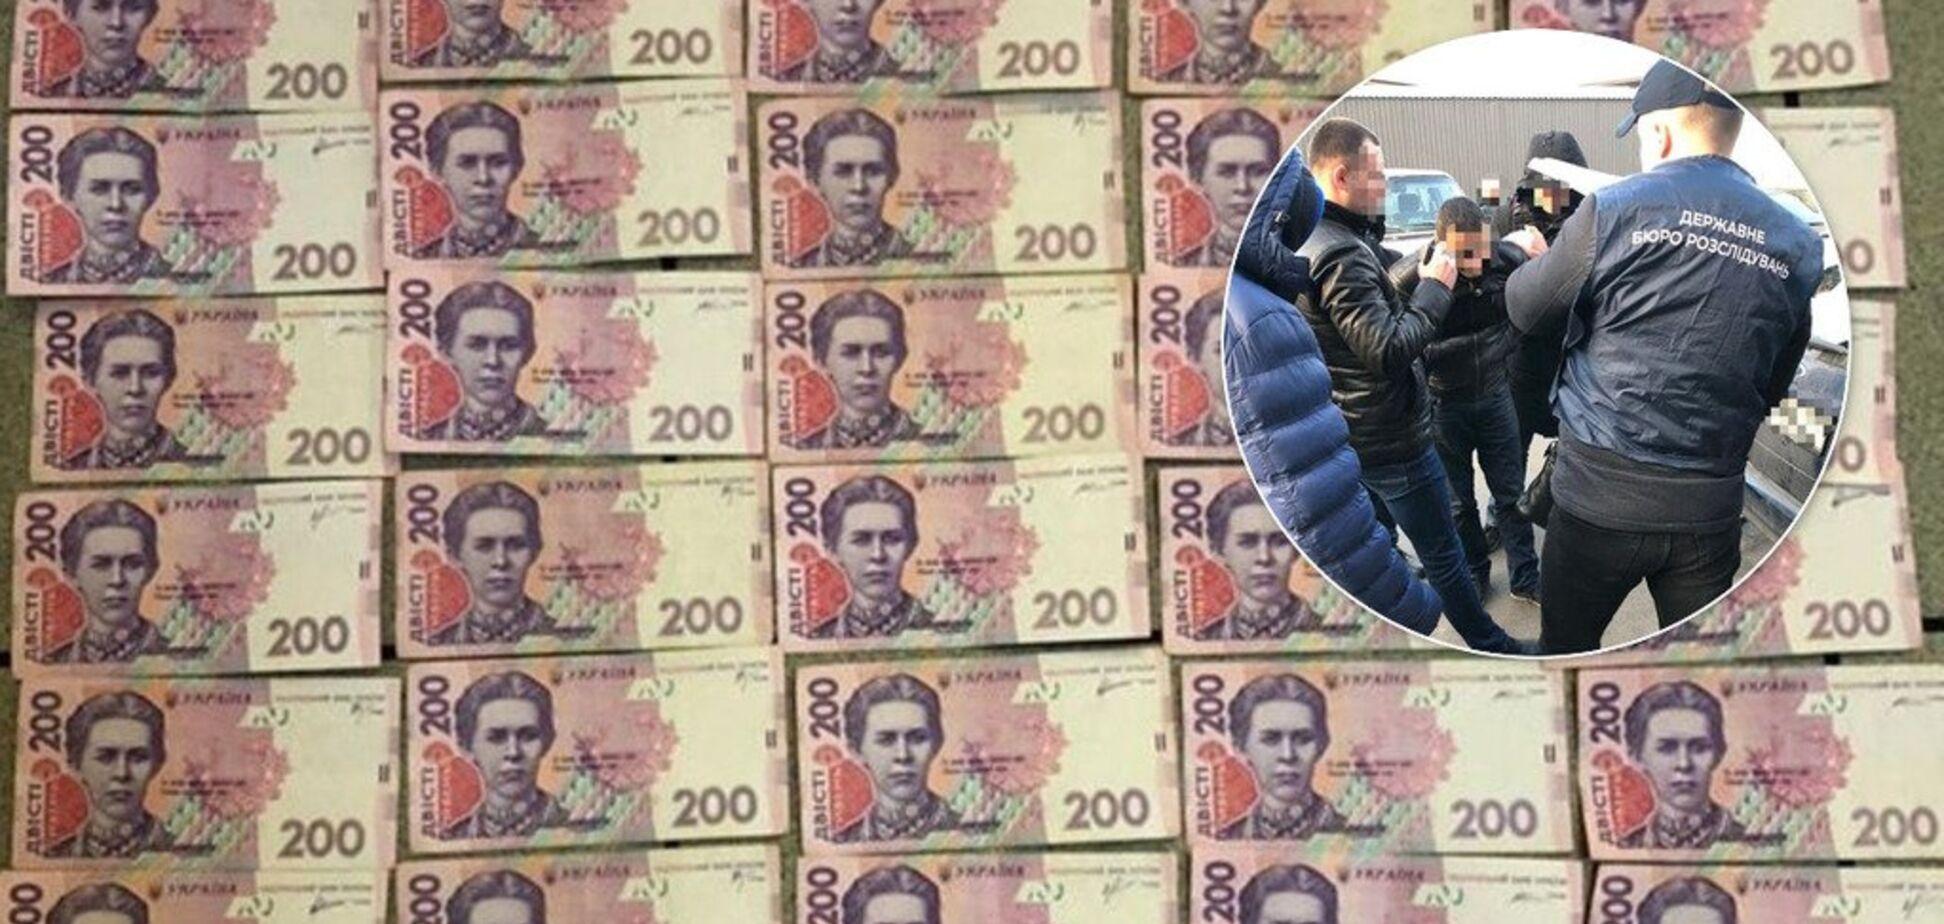 Расценки на взятки в Киеве: кто и сколько требует с призывников, водителей и бизнеса